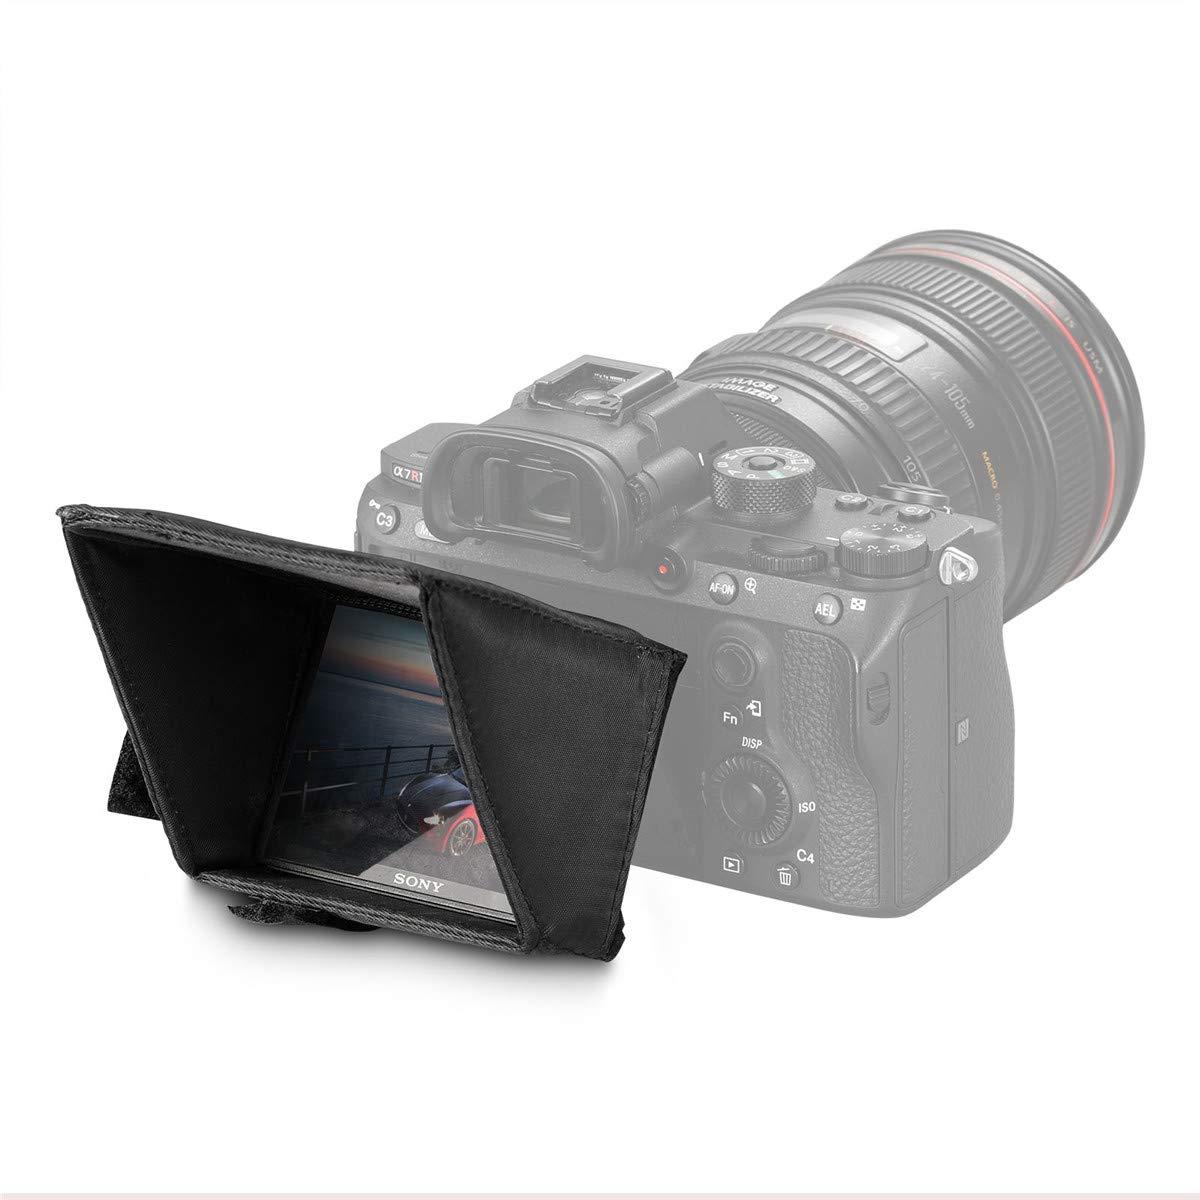 visor o lcd A7 en Foro Sony Full Frame : OBJETIVOS ( montura FE / E)61FJwJ7BOcL